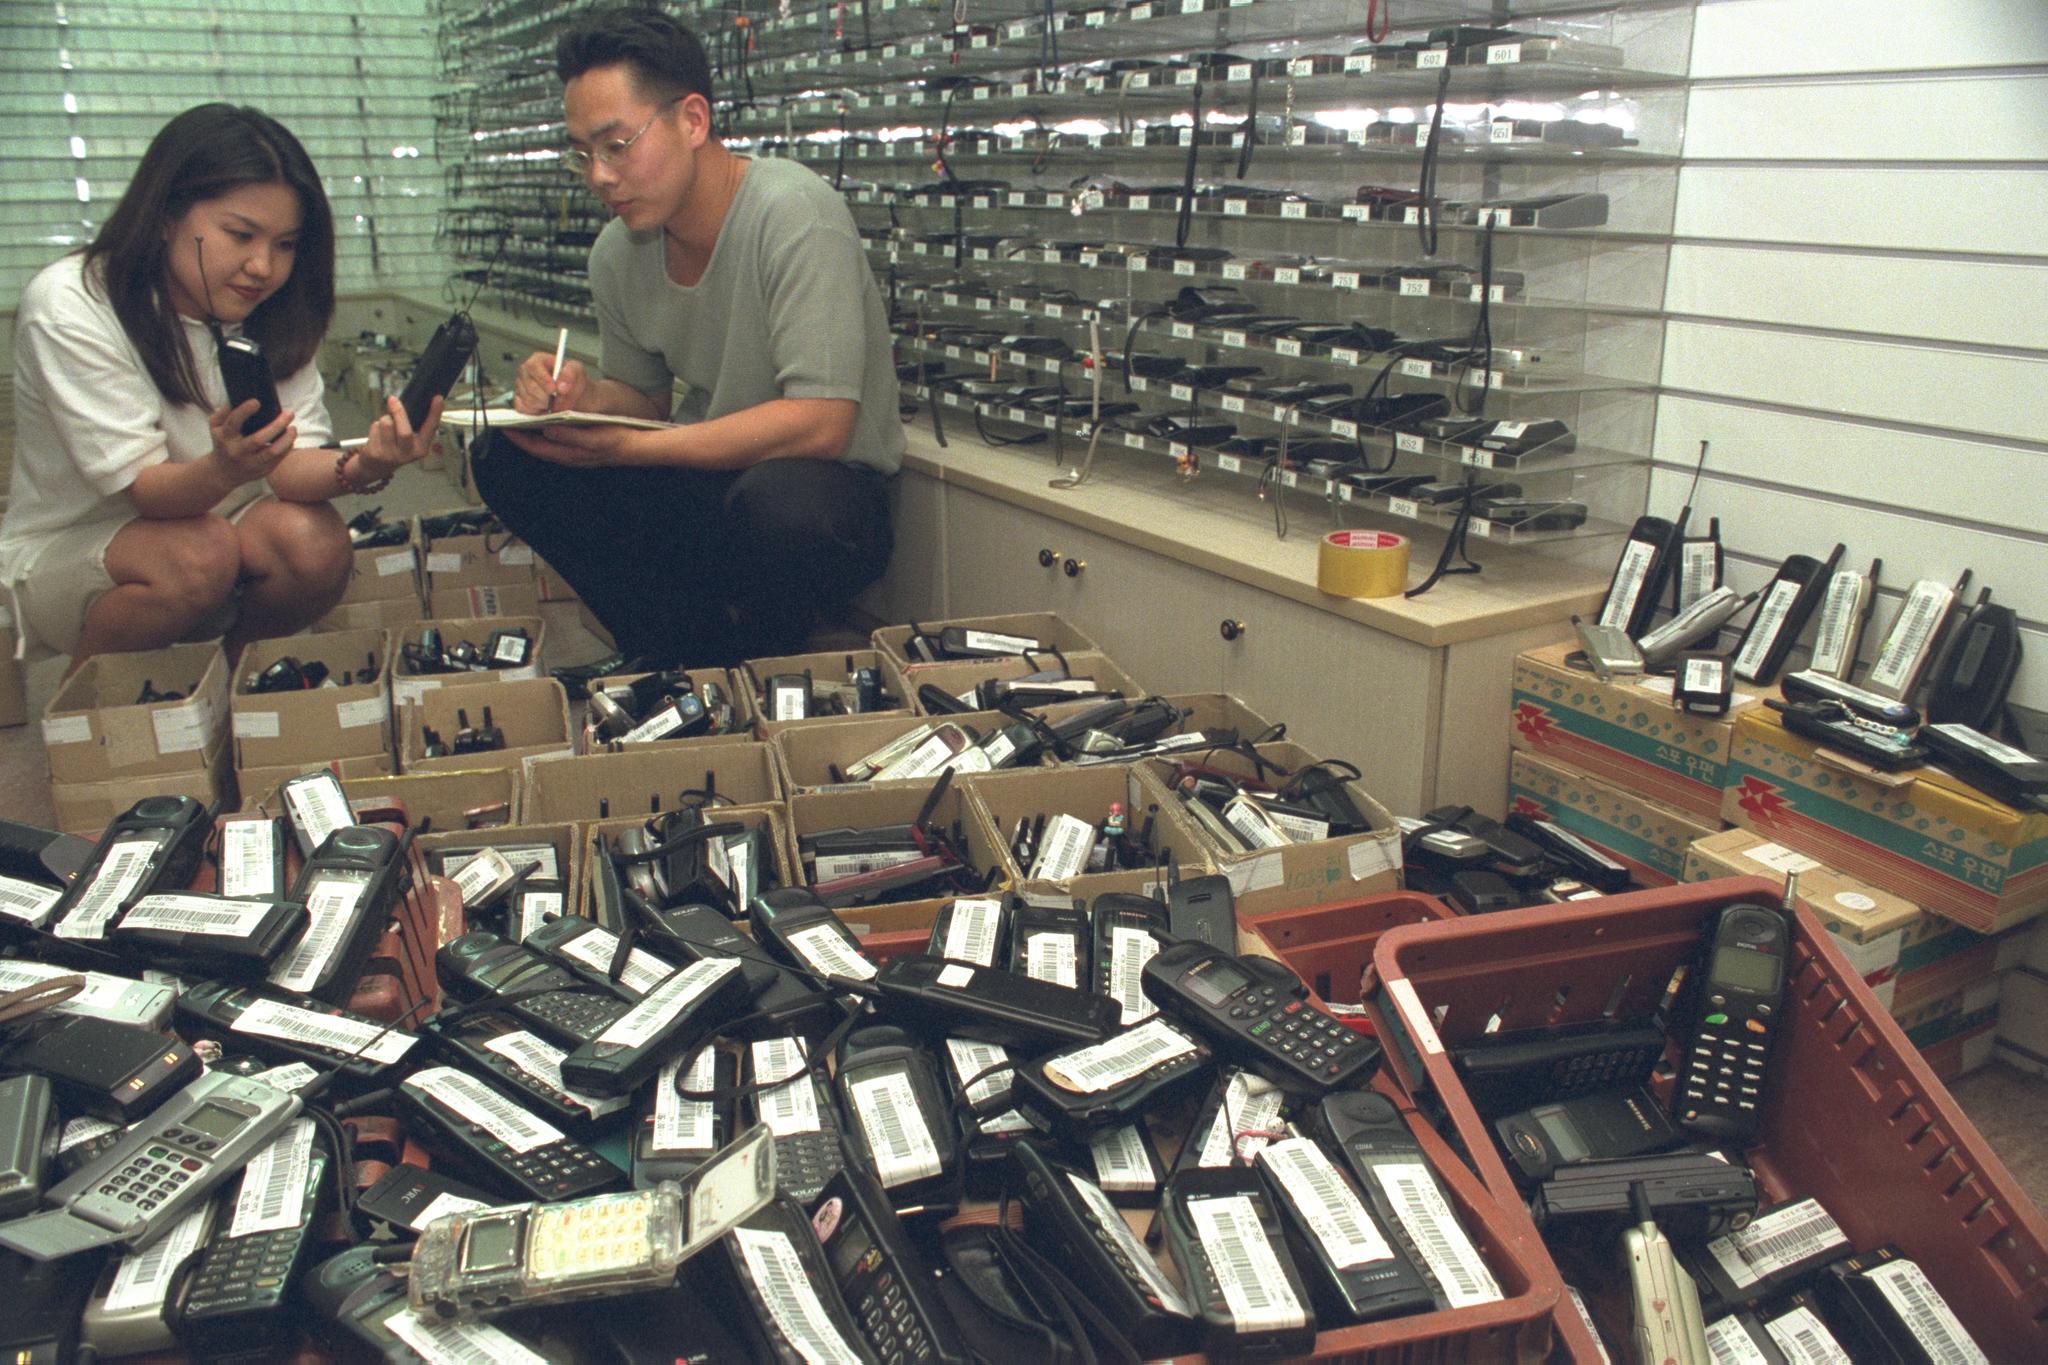 '주인을 기다리고 있습니다'분실된 휴대폰이 전국 우체국망을 통해 모아져 서울 서초동 정보통신진흥협회 분실단말기관리센터에 가득 쌓여 있다. 1년에 전국에서 폐기되는 휴대폰은 2000만대에 이르고 있다. [중앙포토]